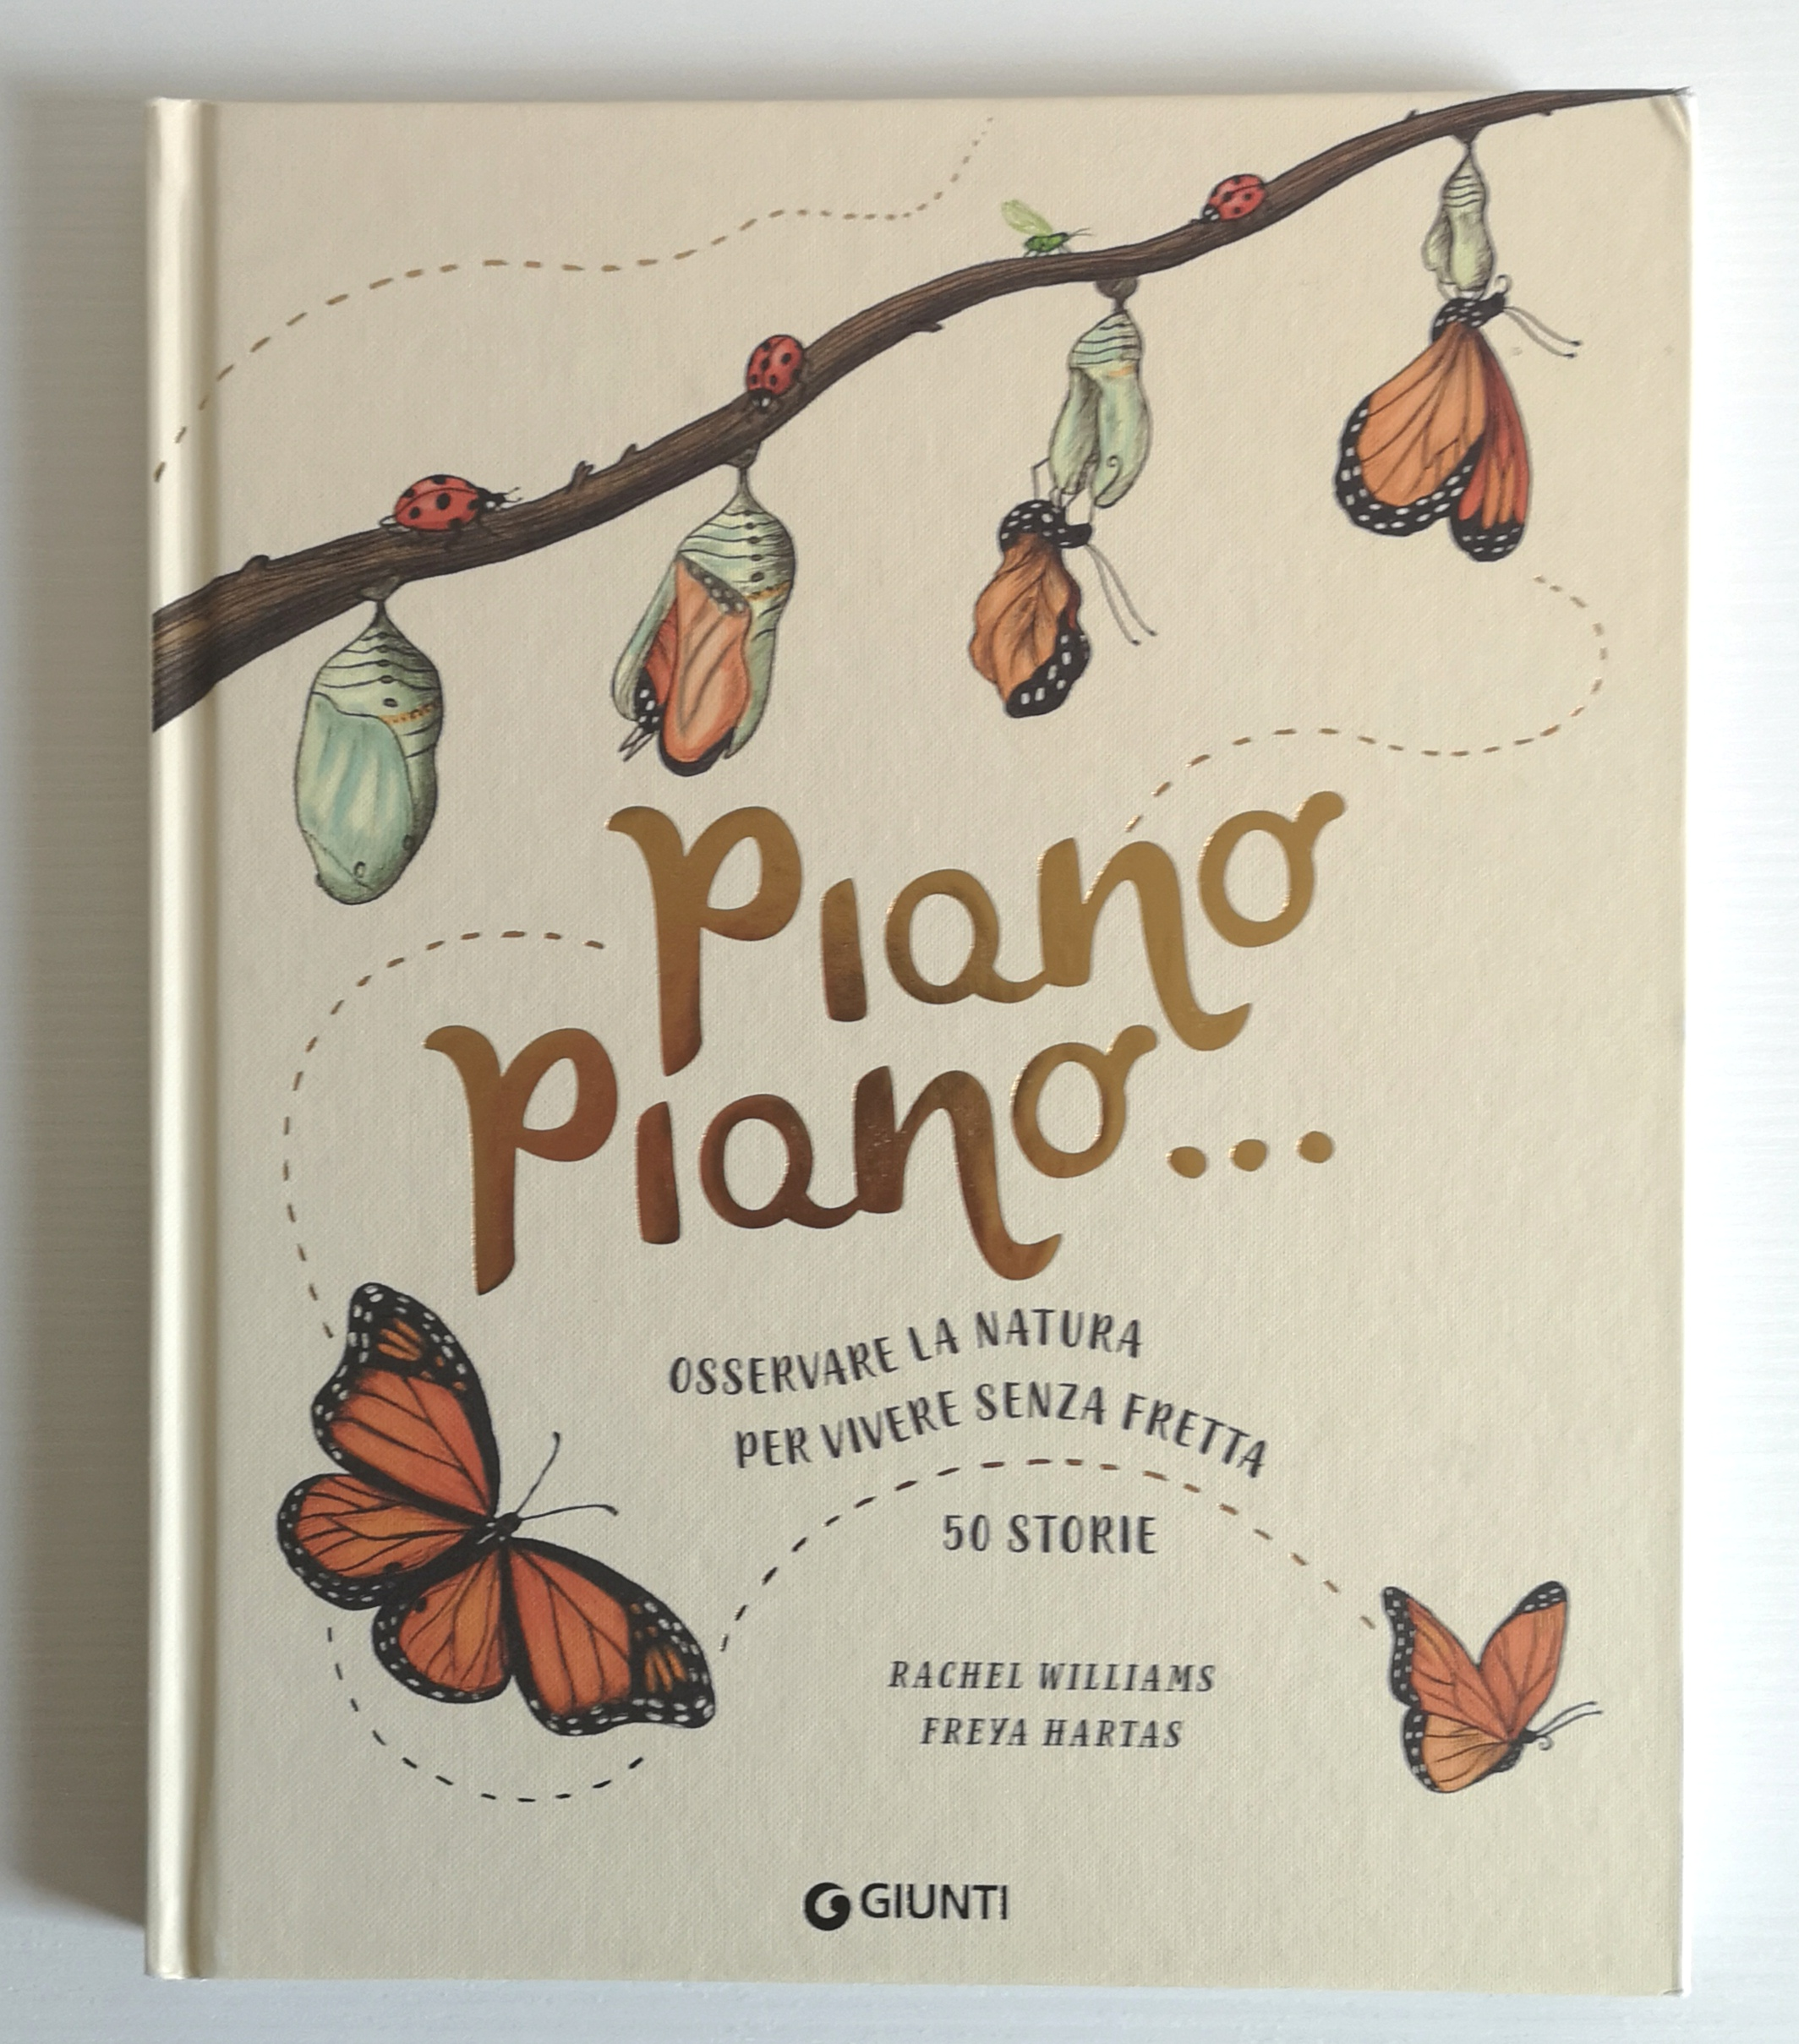 PIANO PIANO… Osservare la natura per vivere senza fretta di Rachel Williams e Freya Hartas, GIUNTI EDITORE